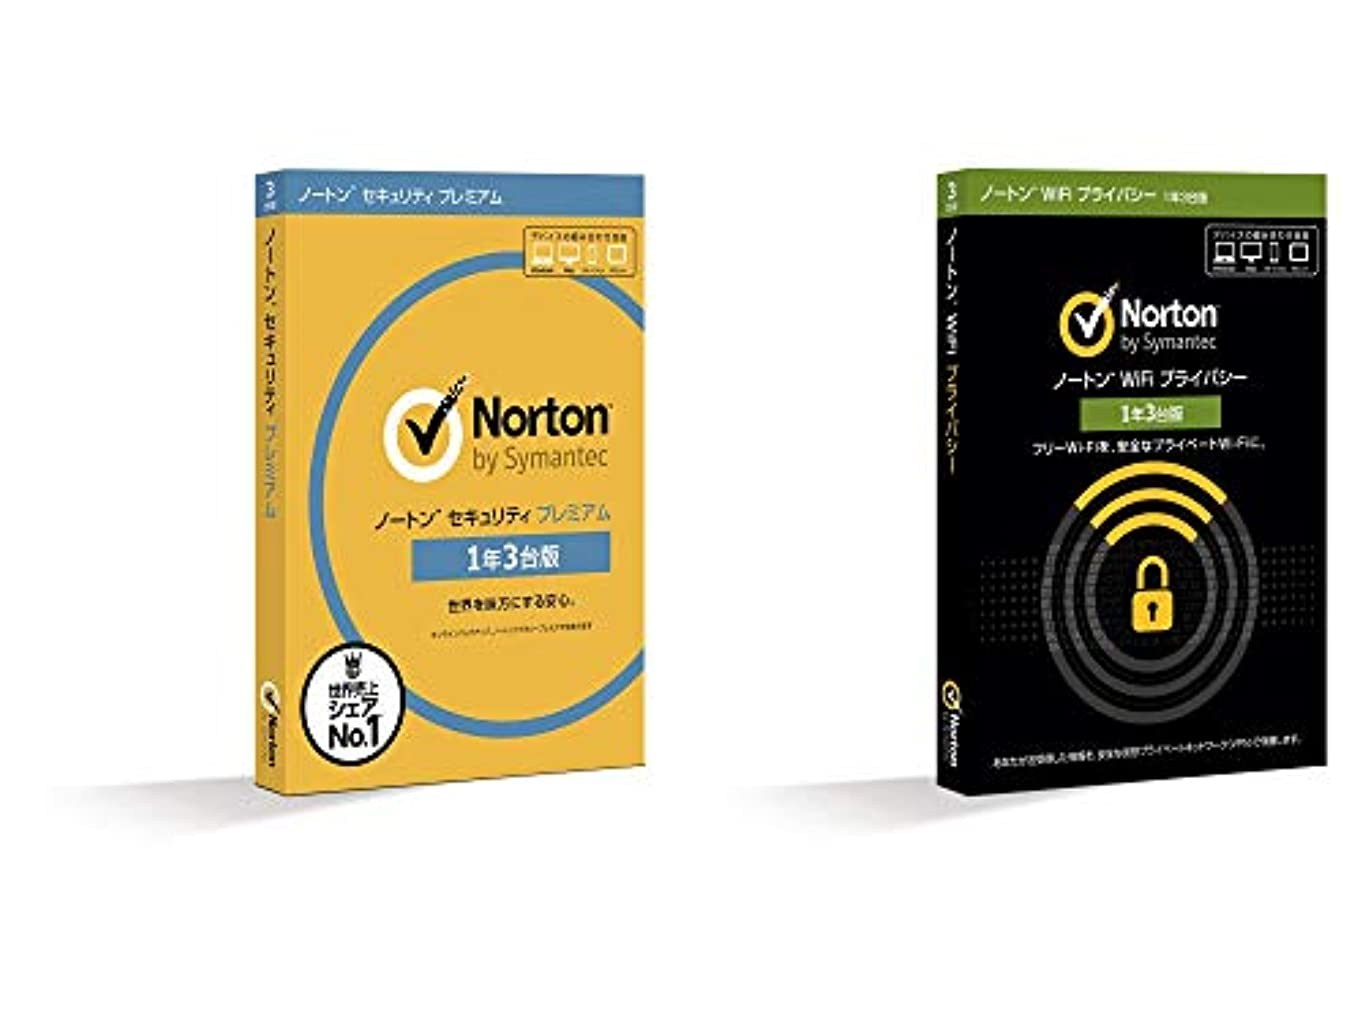 軽チャペル咳ノートン セキュリティ プレミアム 1年3台版 + WiFi プライバシー 1年3台版 (同時購入版) | Win/Mac/iOS/Android対応